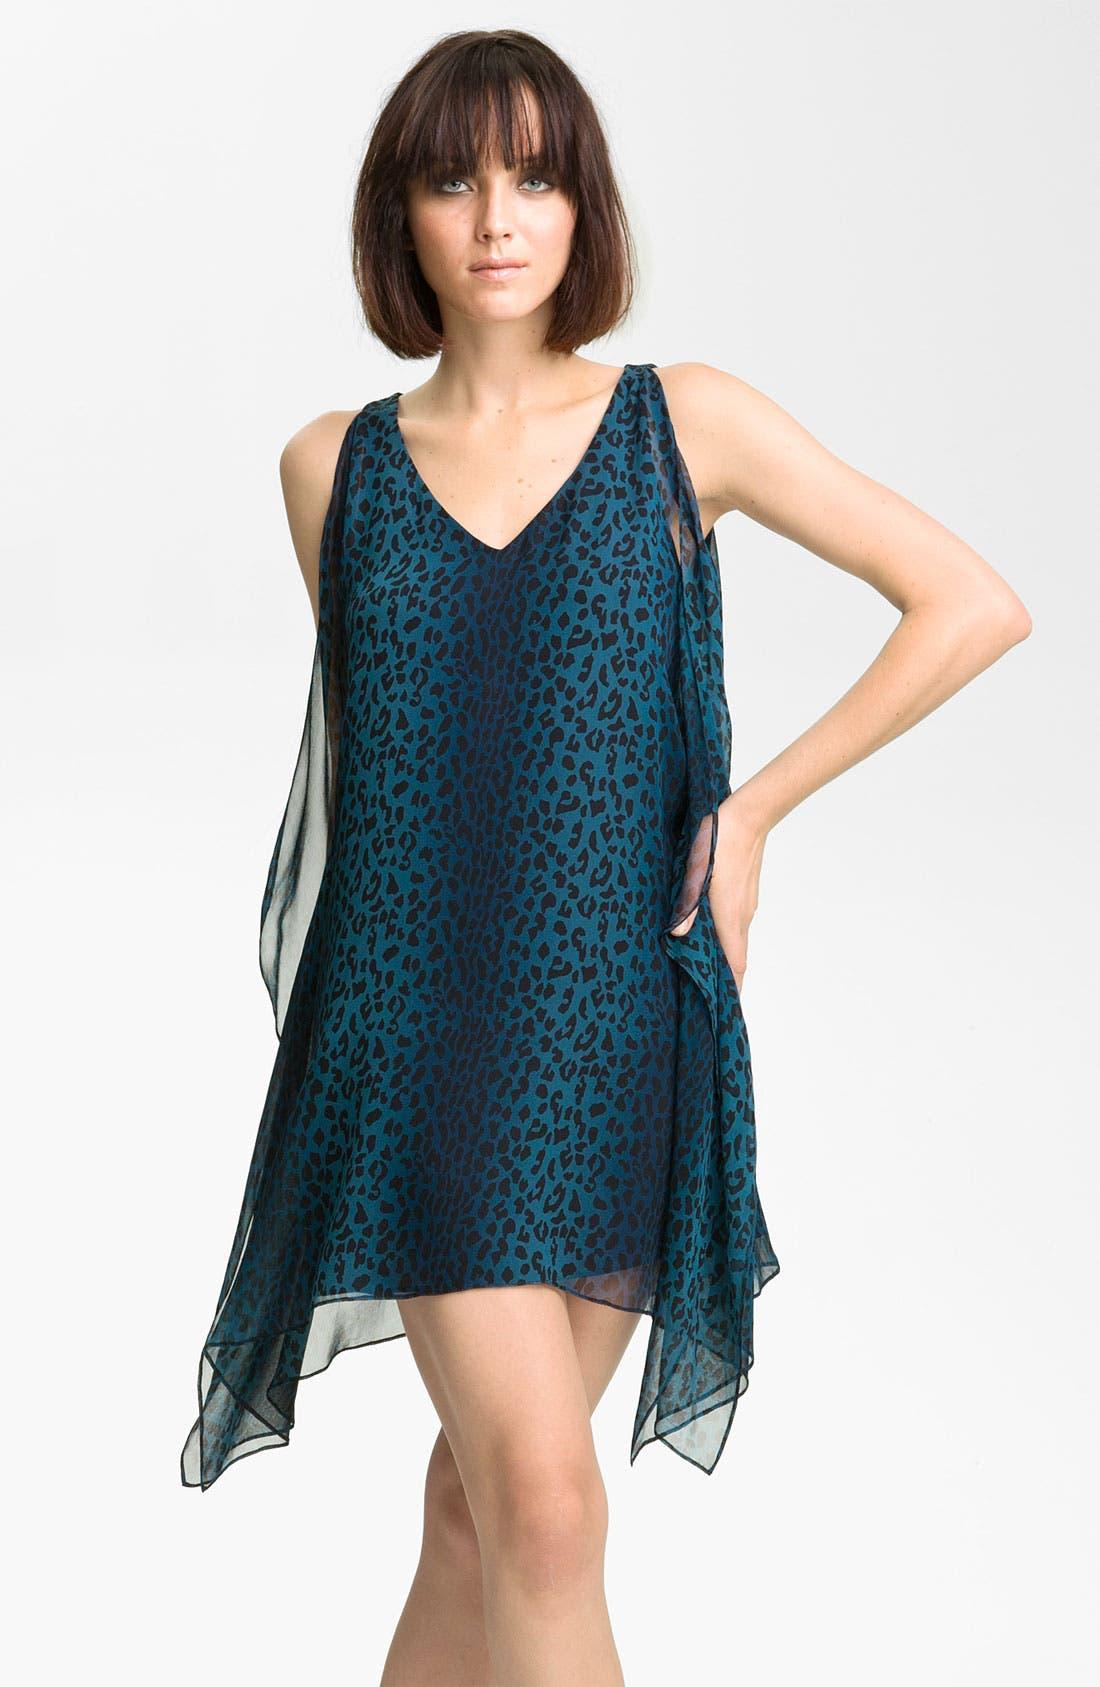 Main Image - Jay Godfrey 'Stastny' Leopard Print Chiffon Kimono Dress